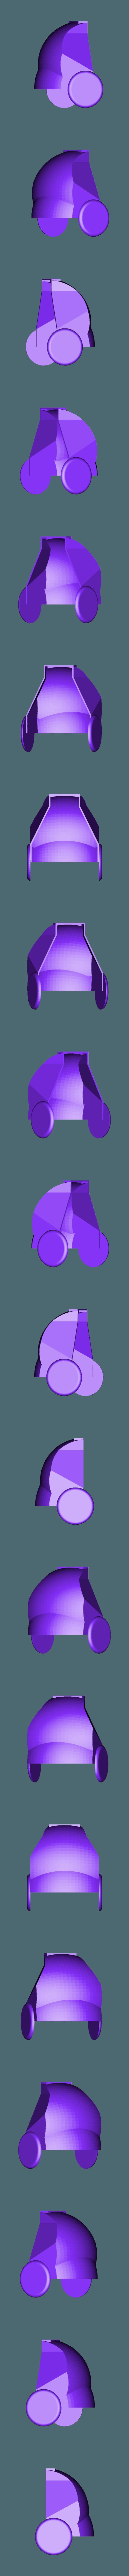 crane arrière bas.STL Télécharger fichier STL gratuit casque iron man • Design imprimable en 3D, mathiscovelli